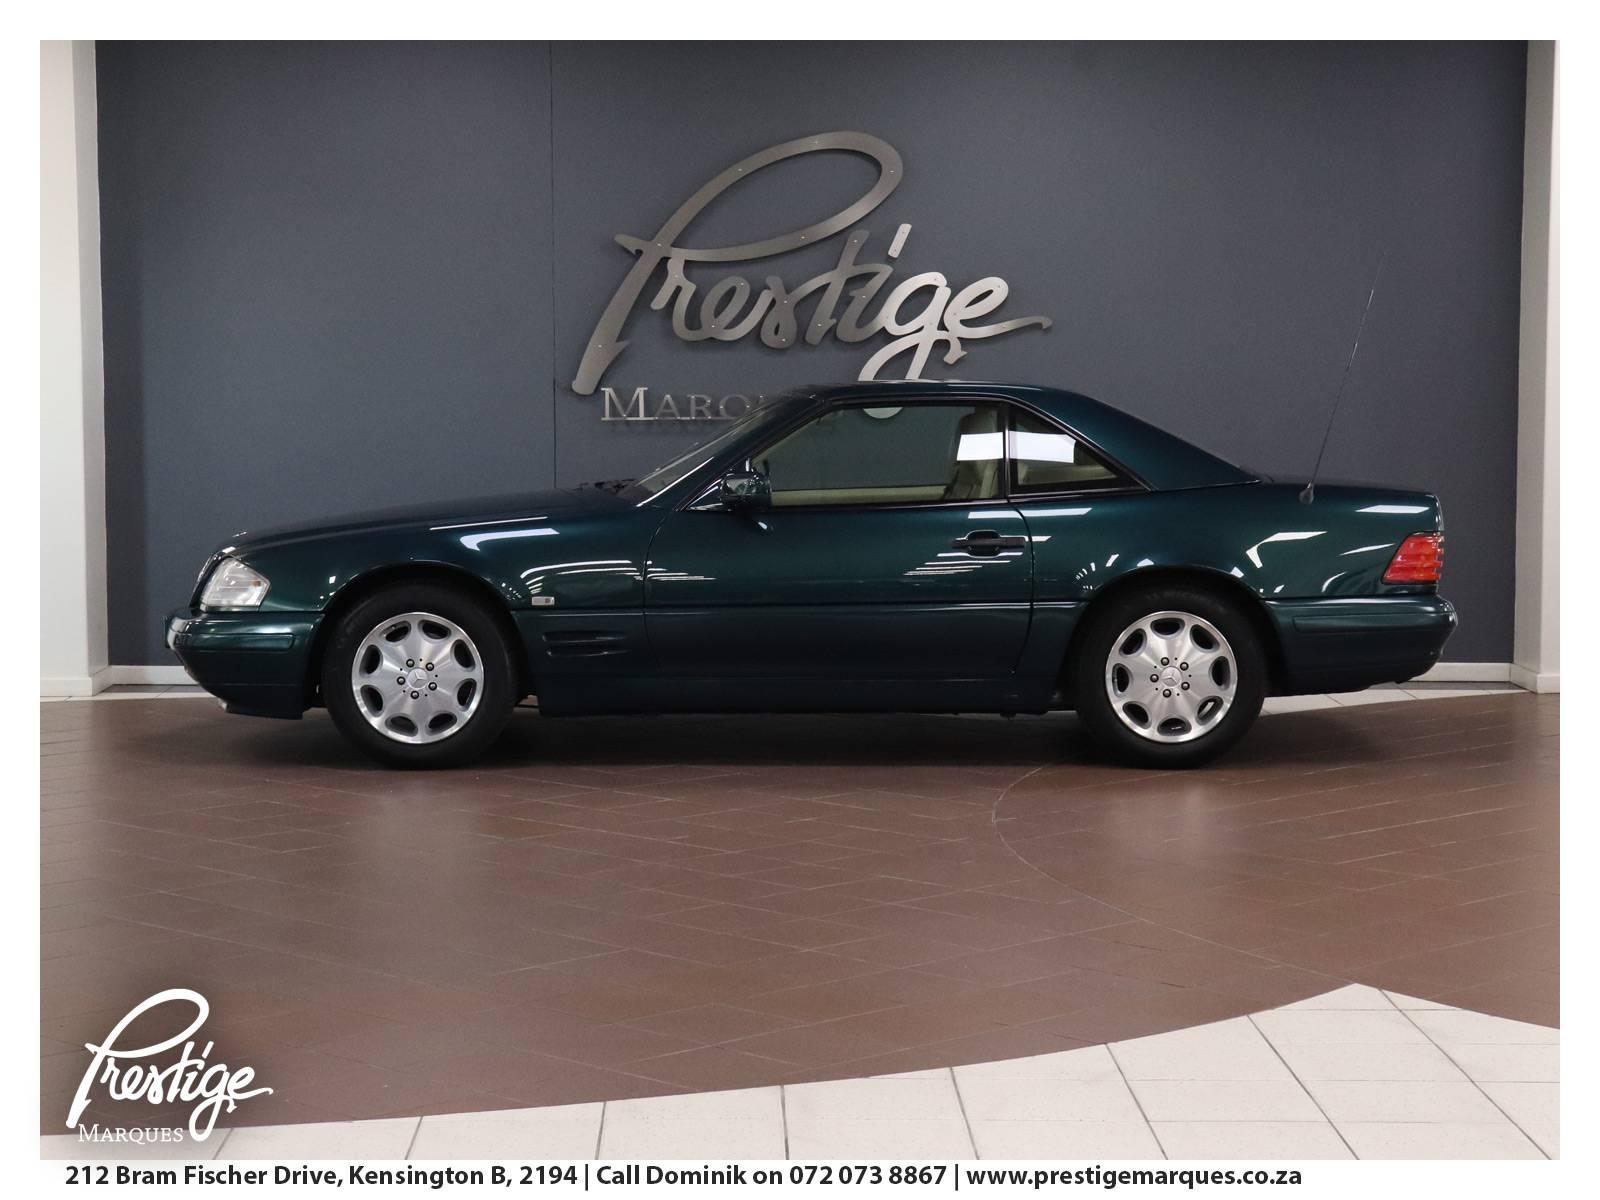 1998-Mercedes-Benz-SL-320-Prestige-Marques-Randburg-Sandton-6